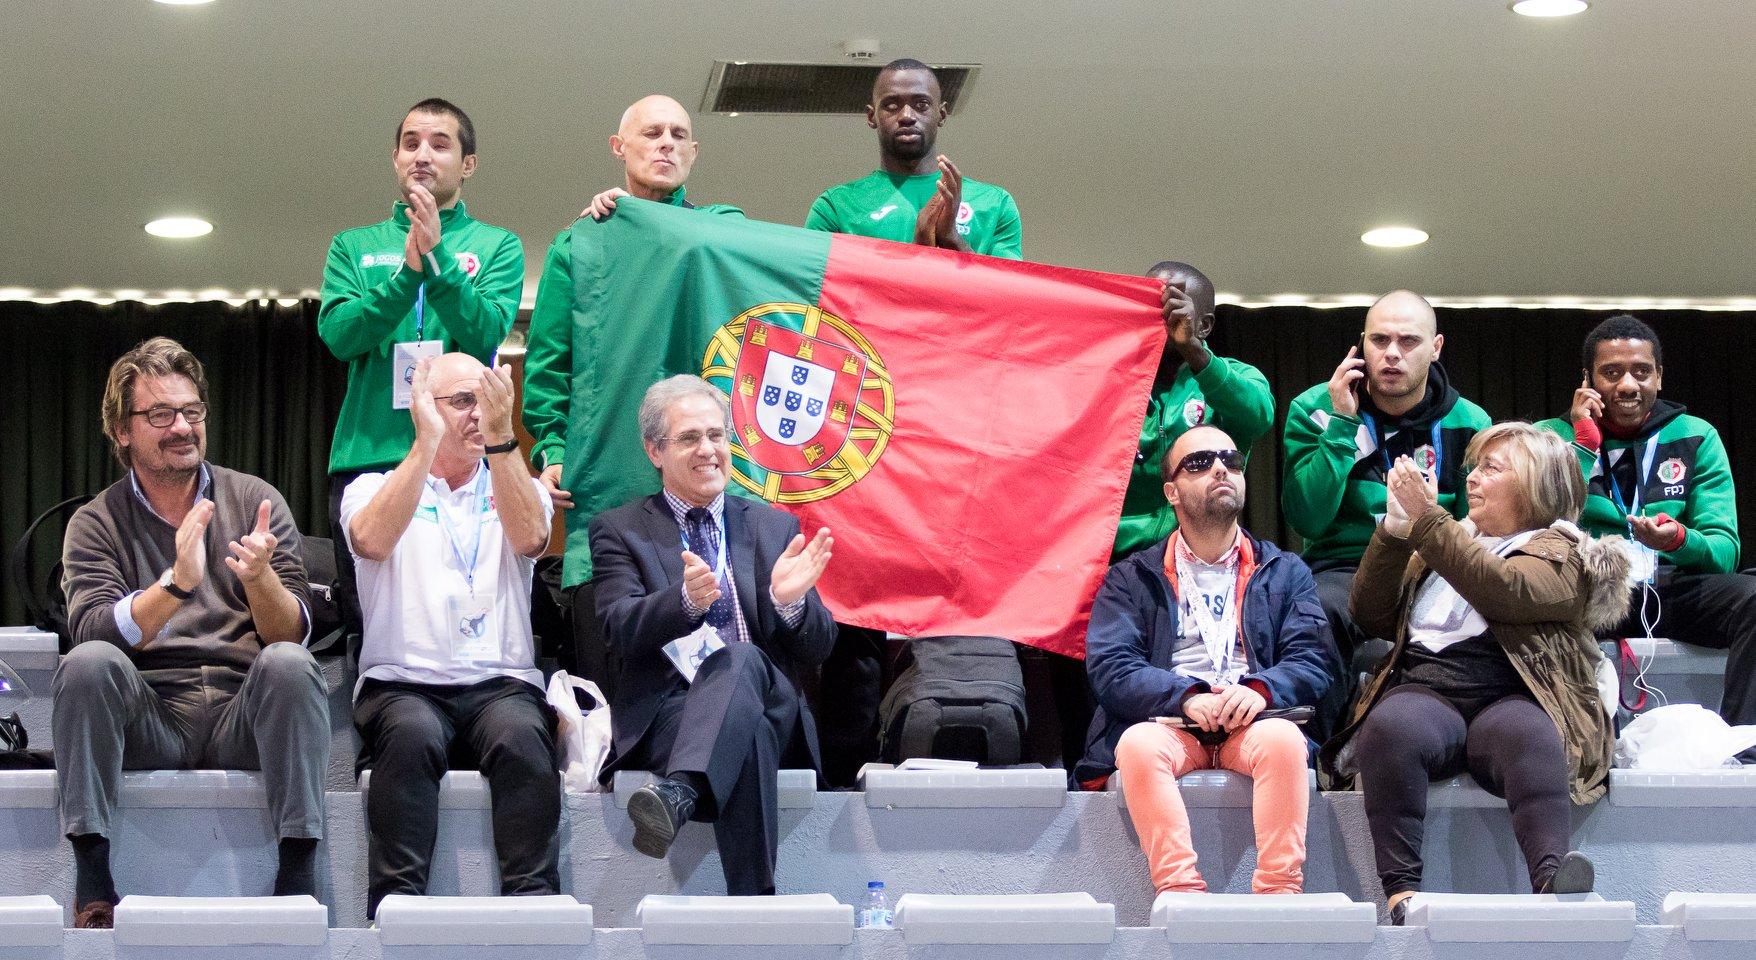 Campeonato do Mundo Paralímpico - Odivelas 2018 image 3